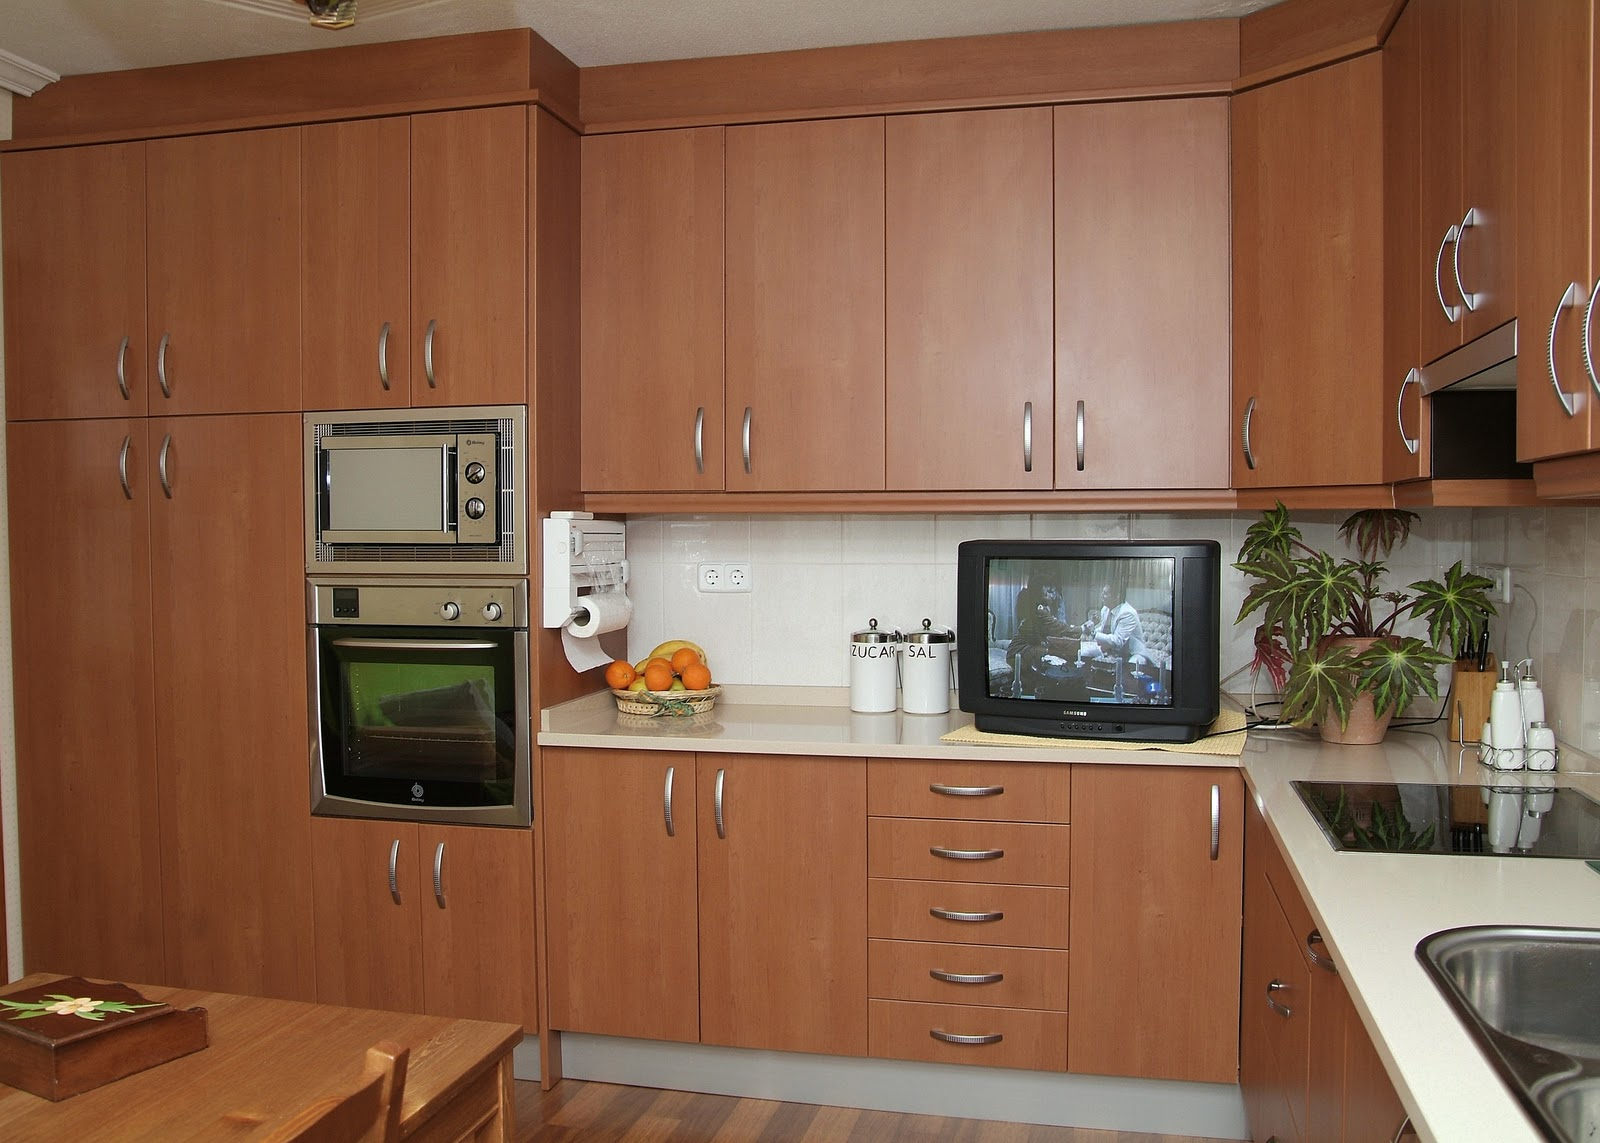 Cocisan cocina formica con cierre al techo - Muebles de cocina de formica ...